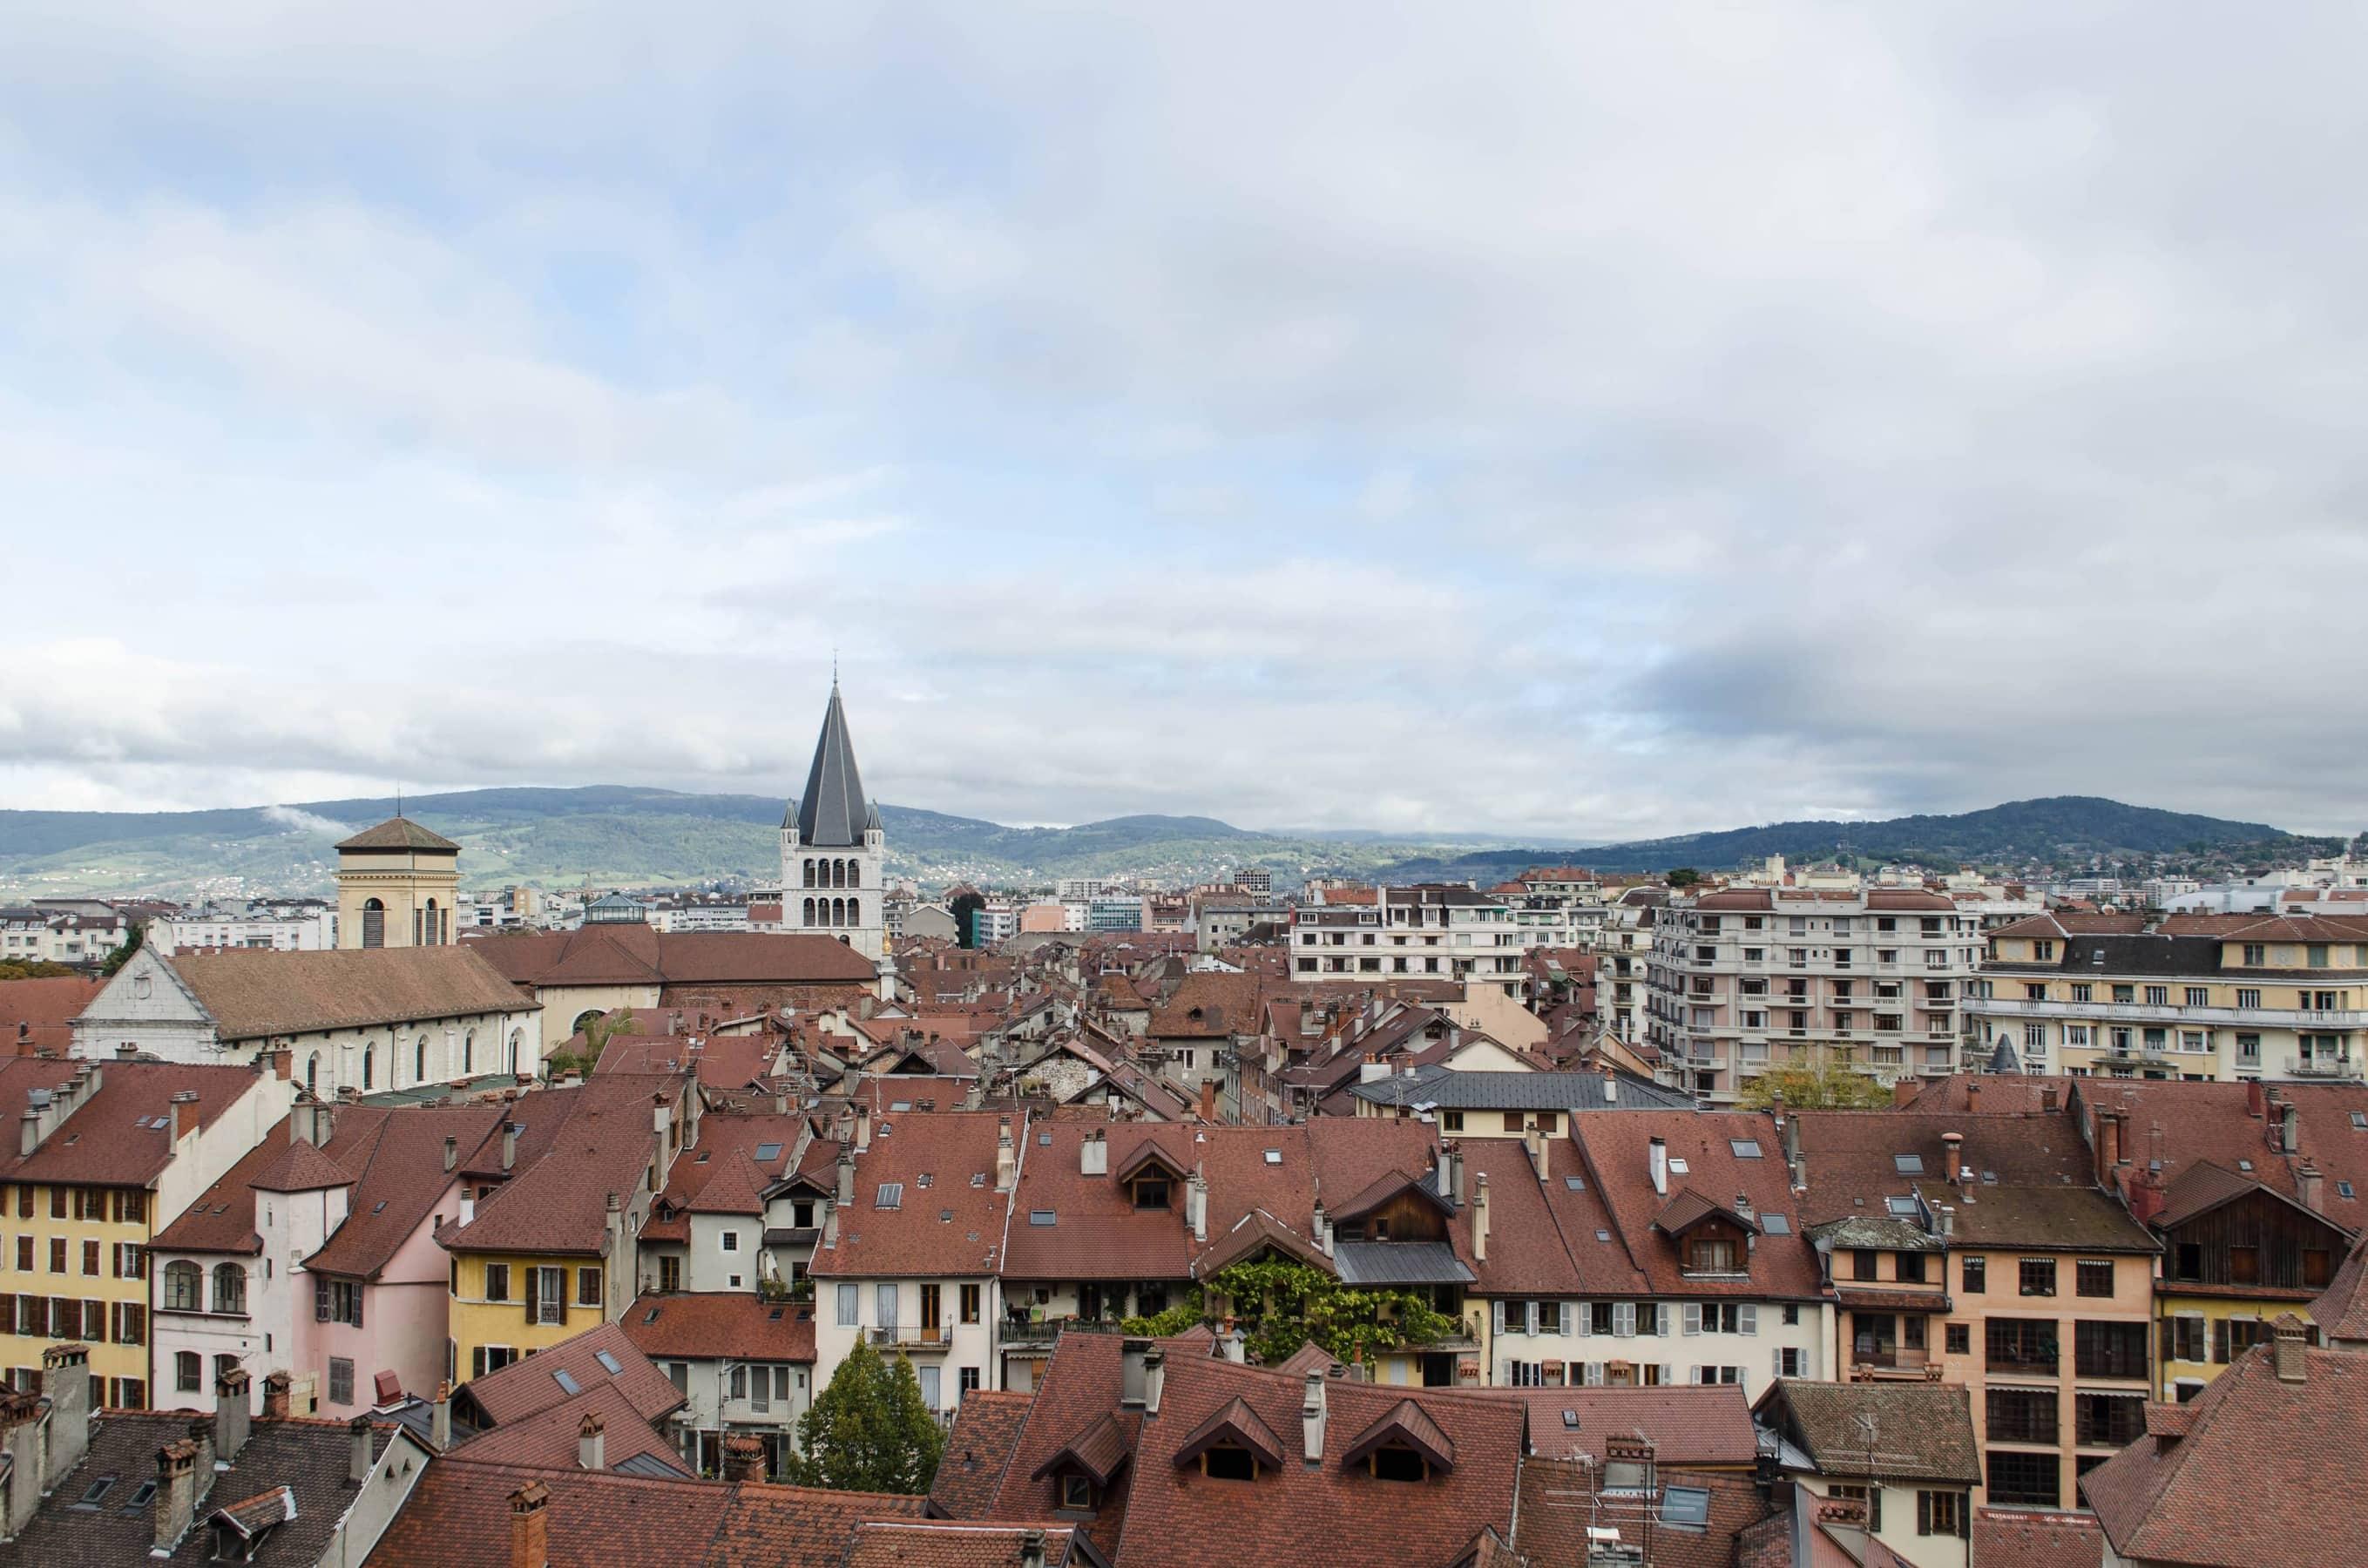 Altstadt von Annecy vom Schloss aus gesehen